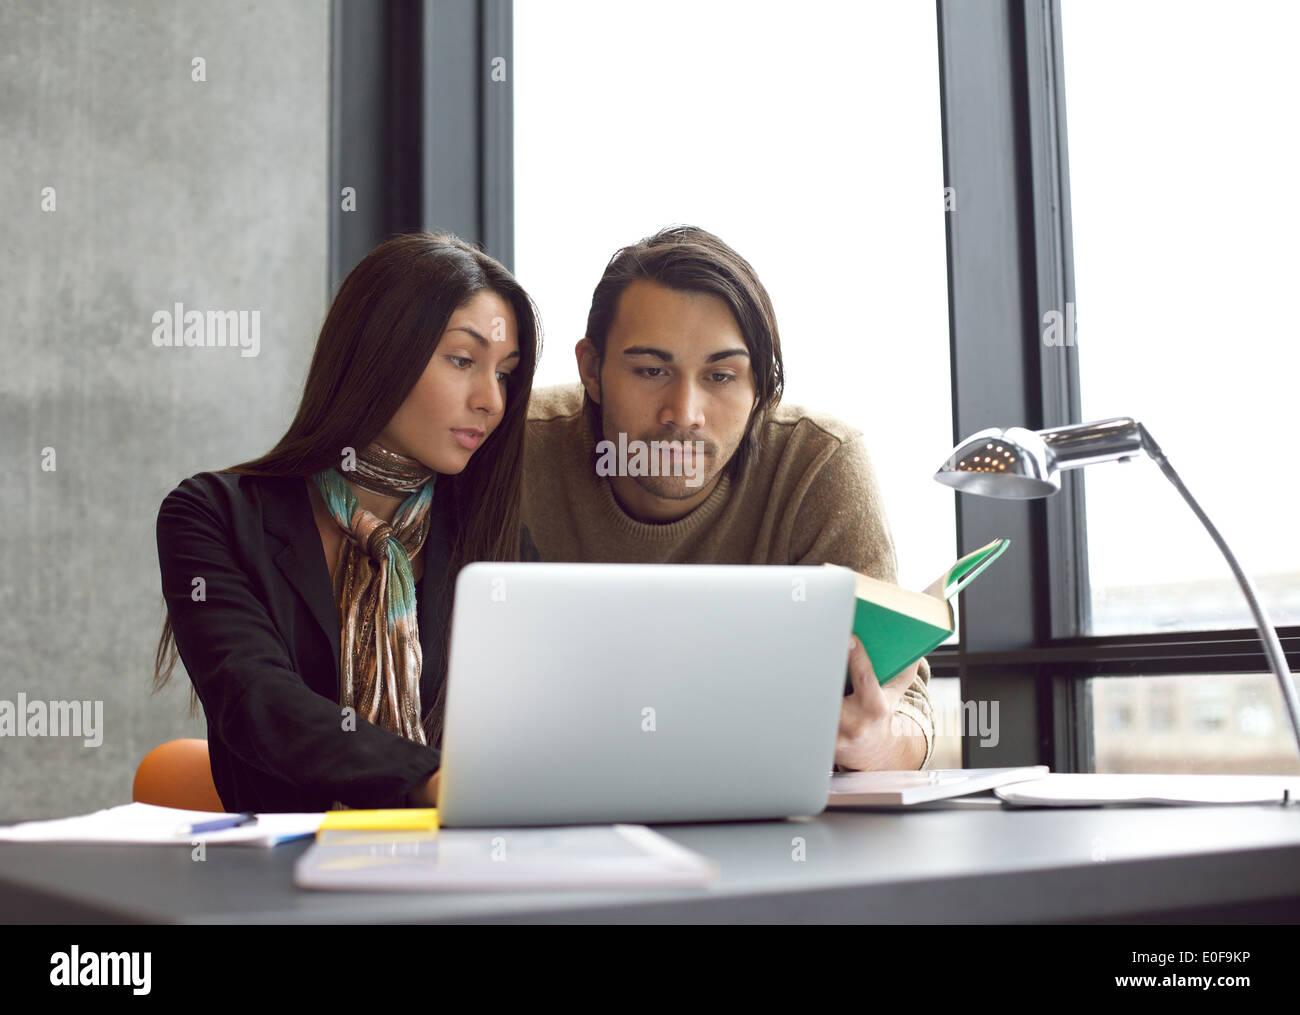 Jóvenes universitarios, la búsqueda de información en libros y laptop para sus estudios. Sentado a la mesa estudiando juntos. Imagen De Stock